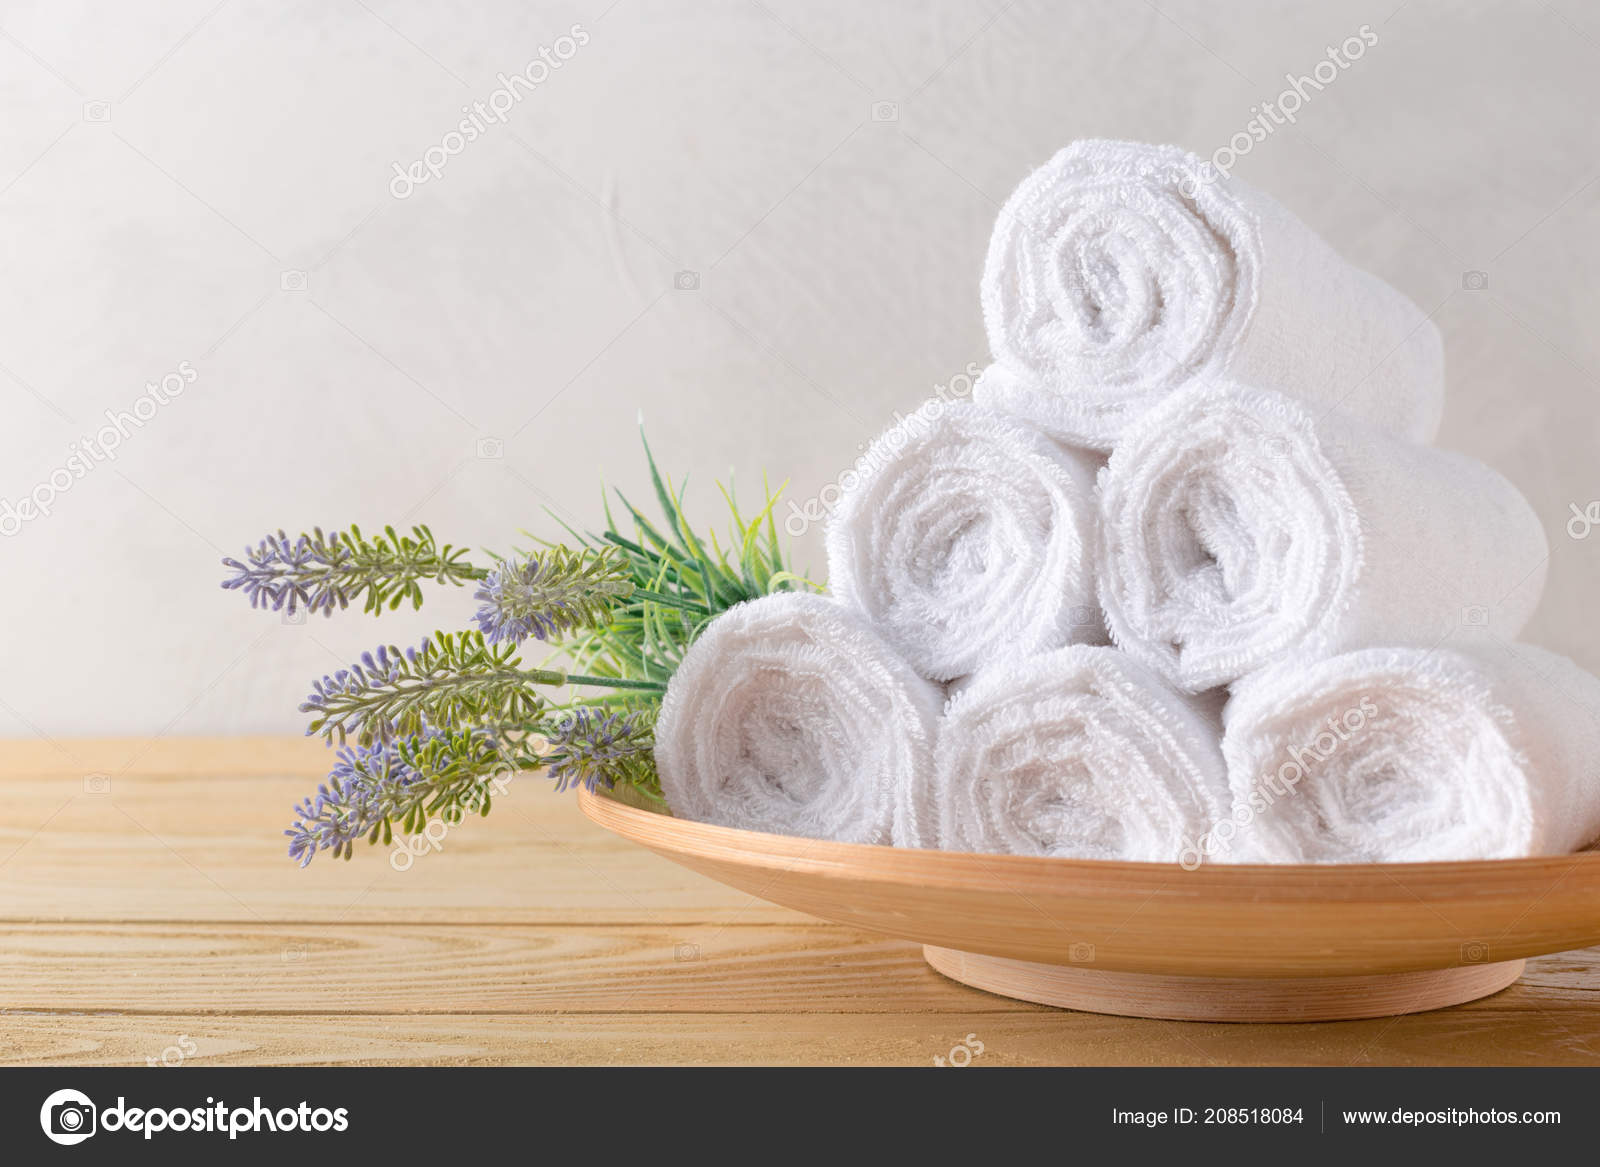 Häufig Handtücher Rollen Mit Blume — Stockfoto © Fotofabrika #208518084 LE58